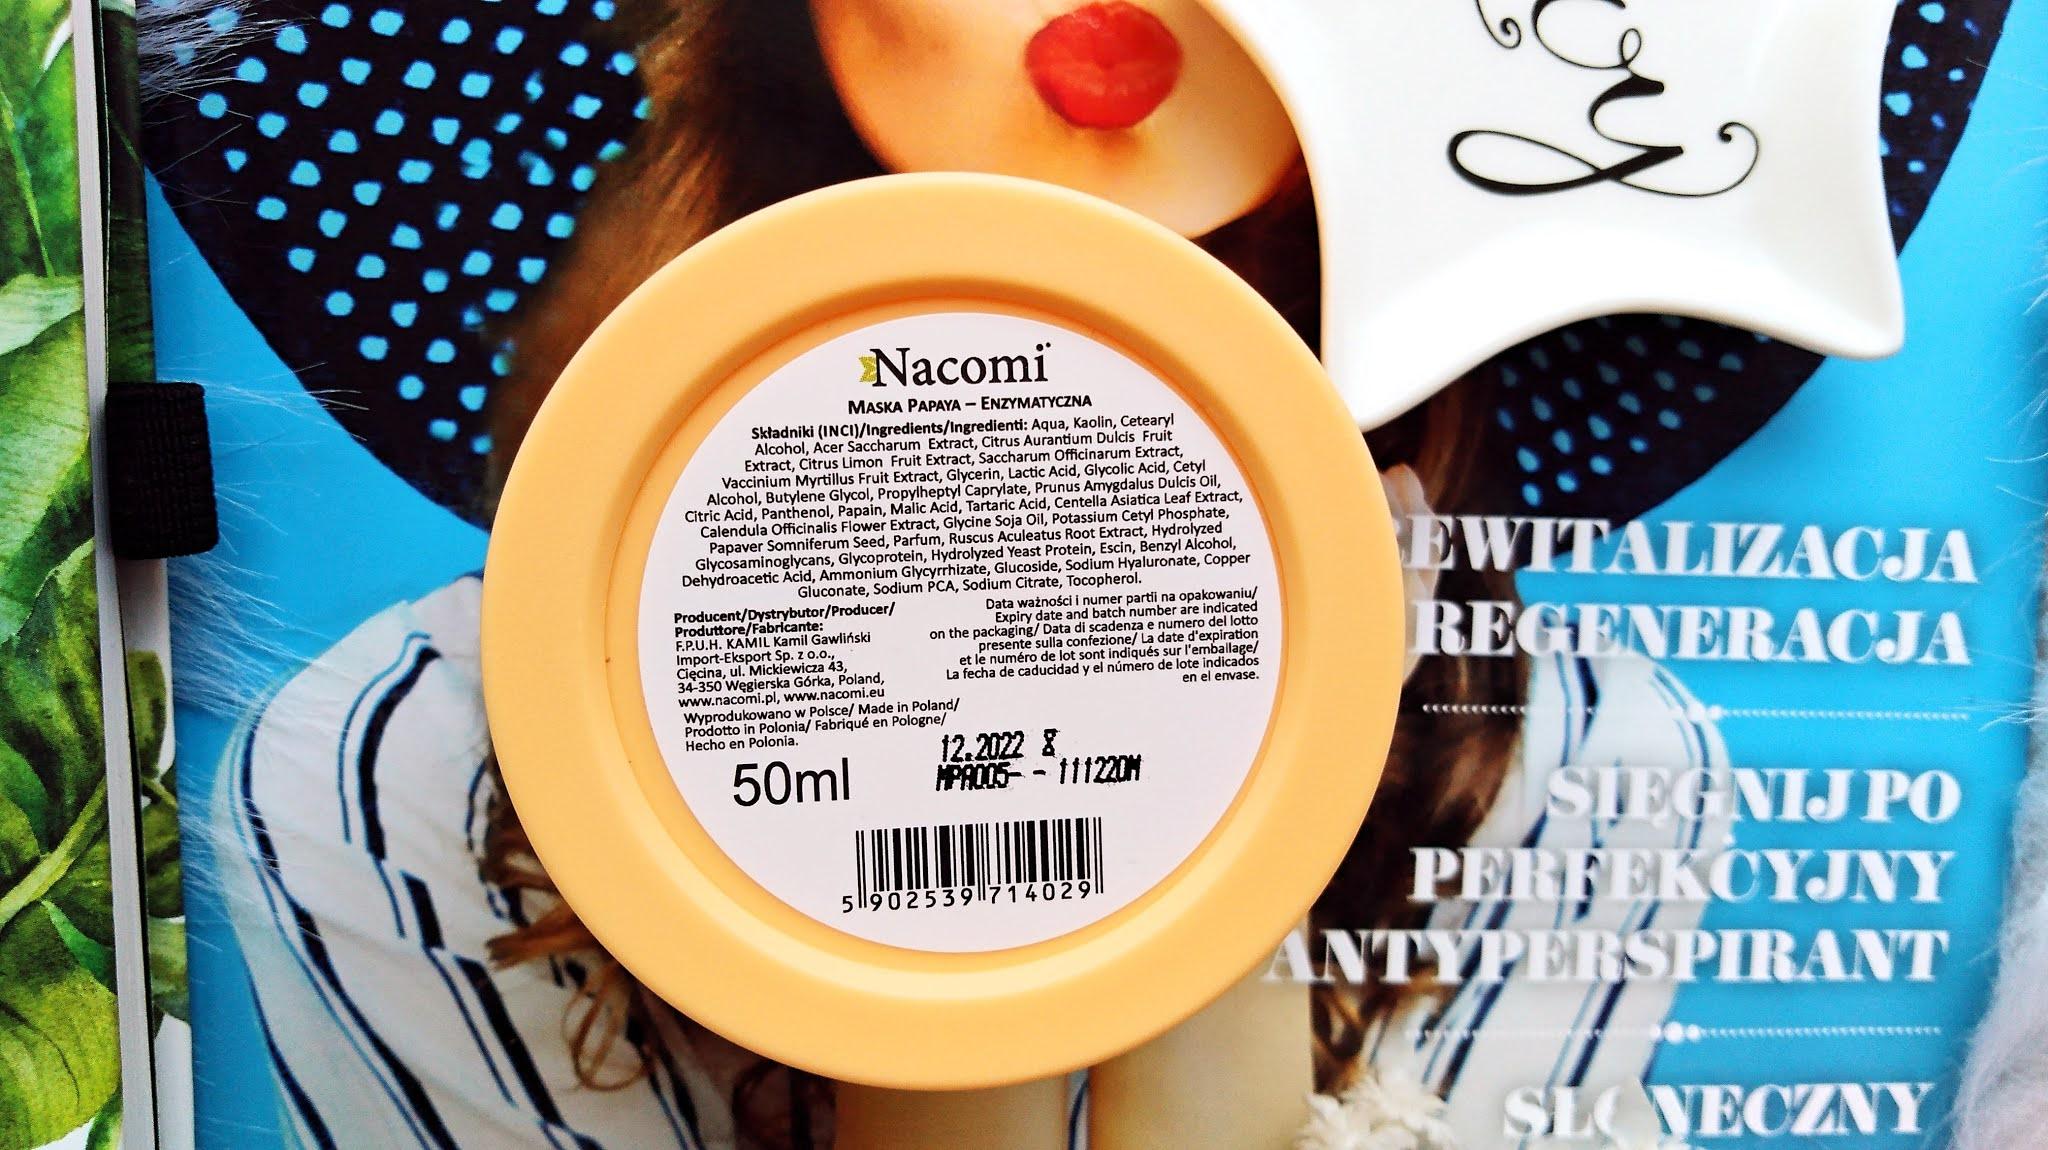 nacomi maska enzymatyczna papaja, nacomi maska enzymatyczna blog kosmetyczny